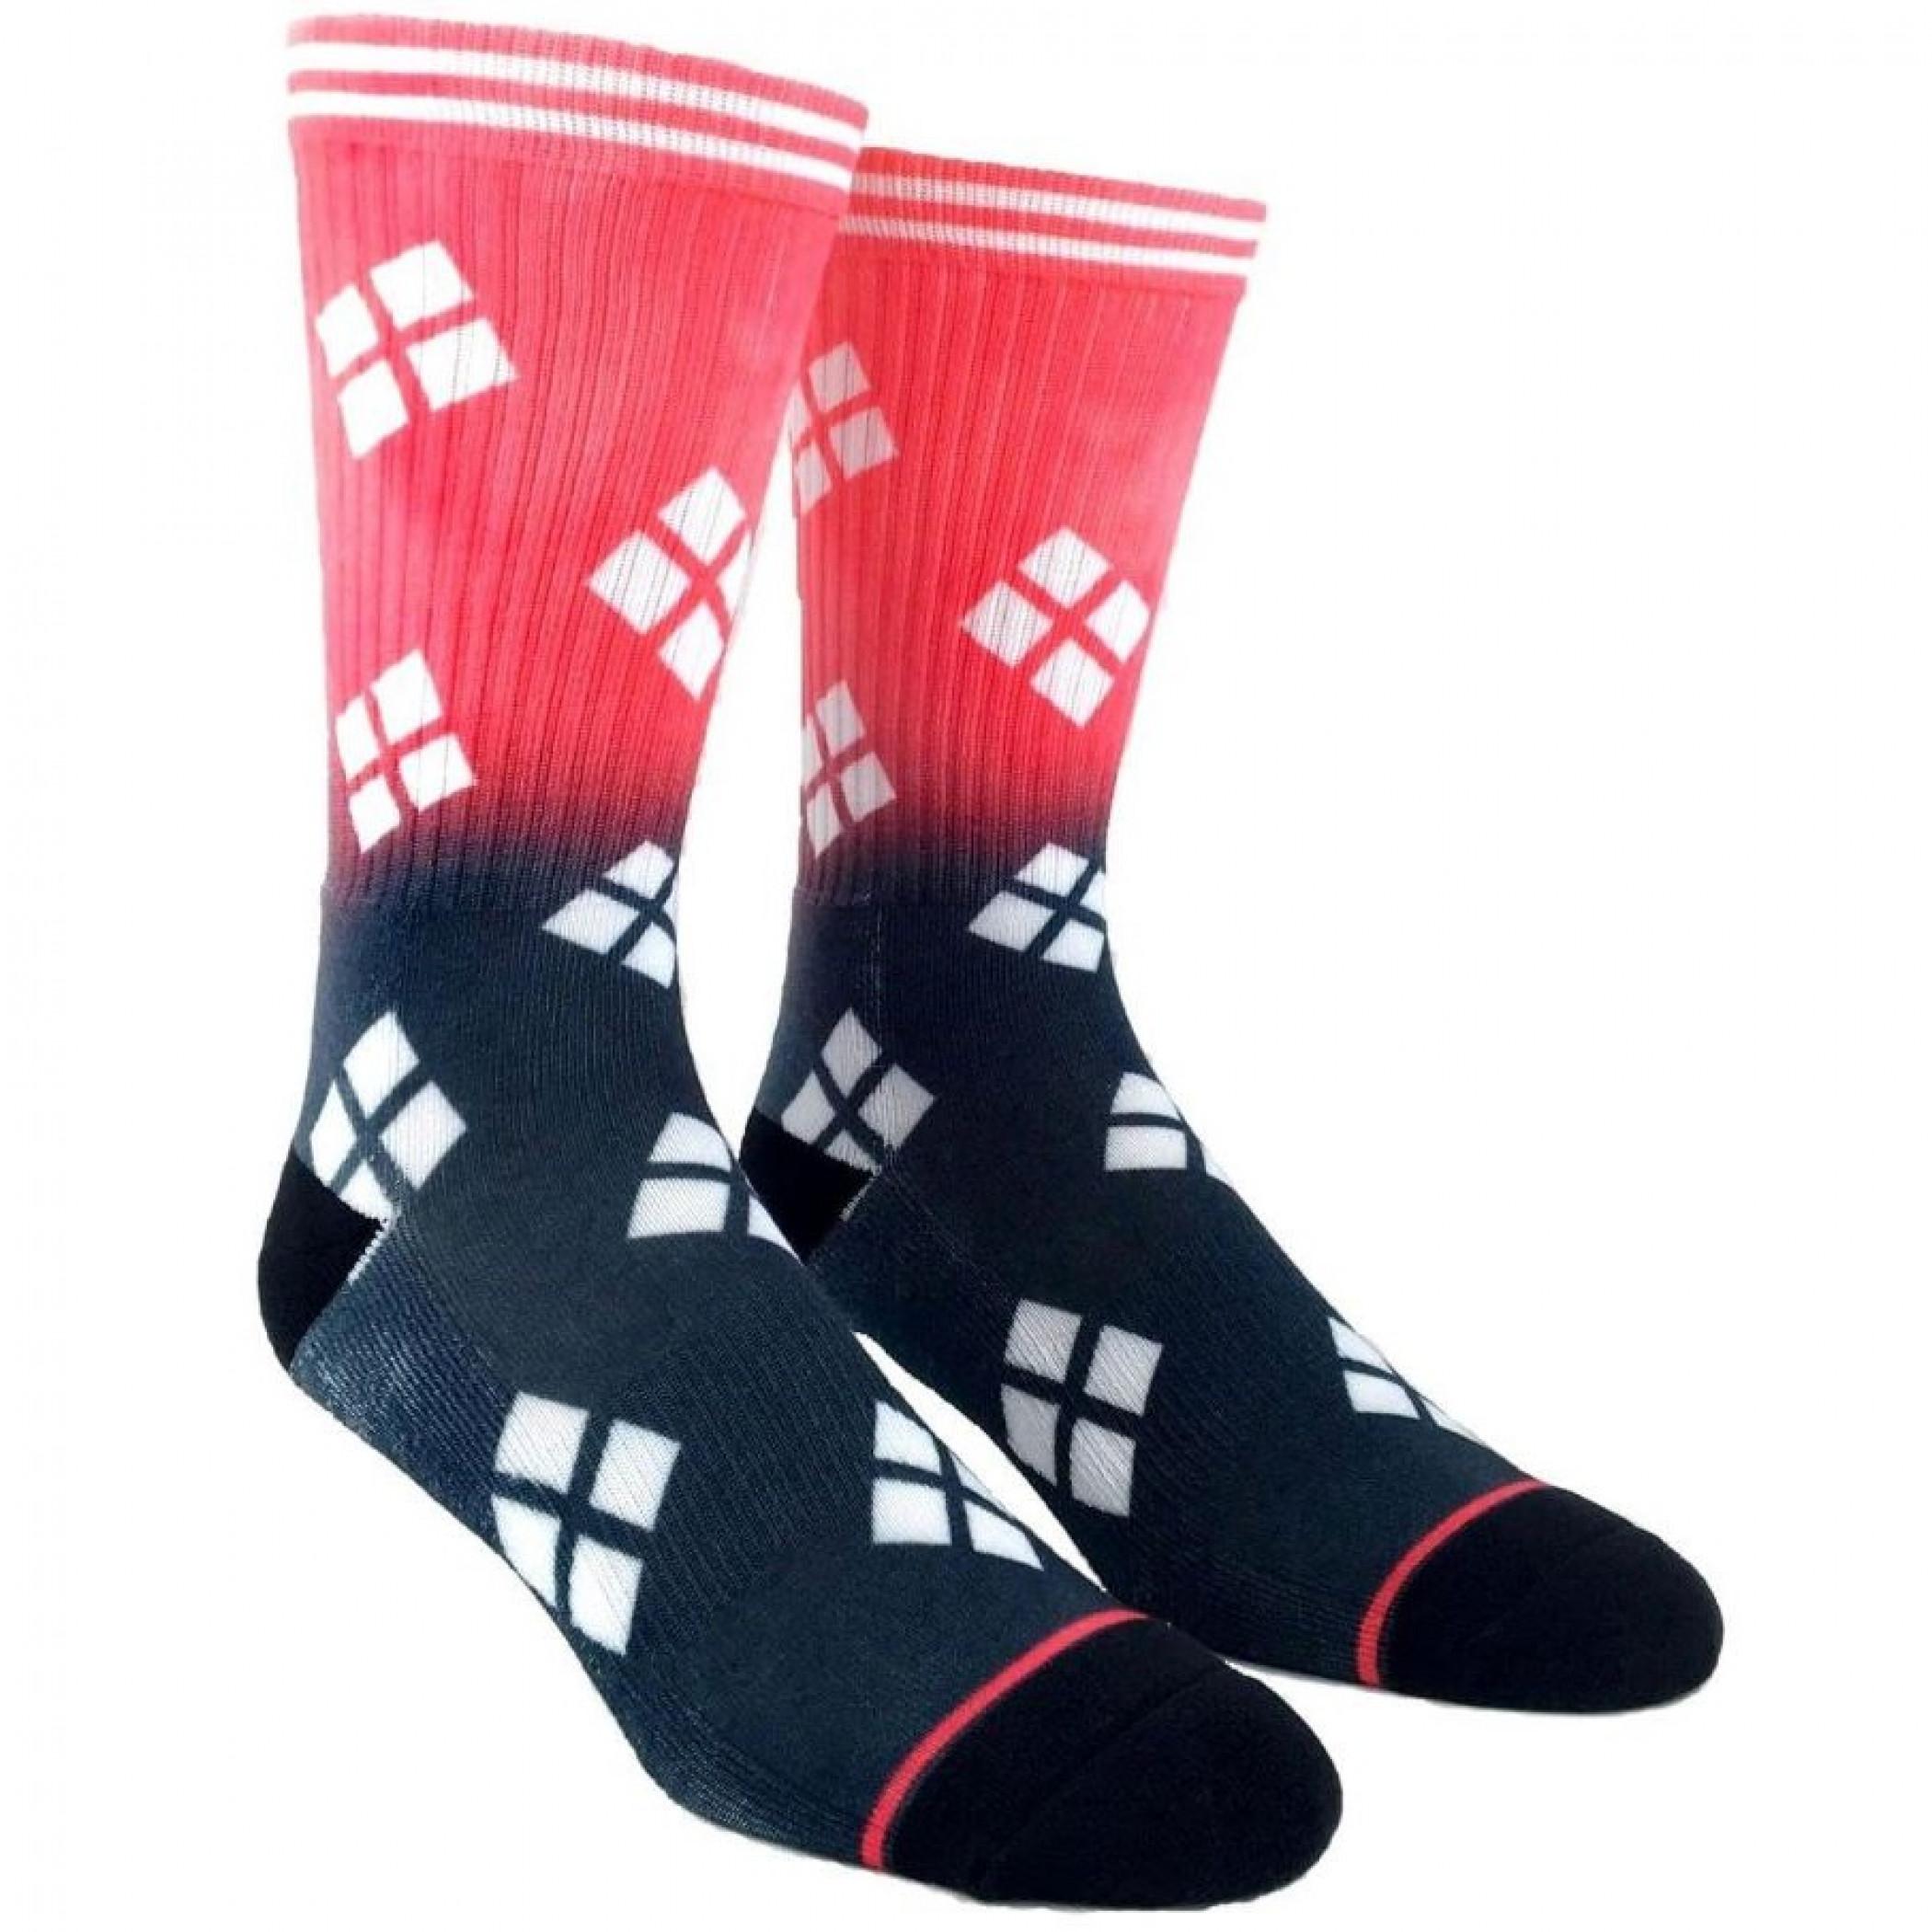 Harley Quinn Ombre Crew Socks